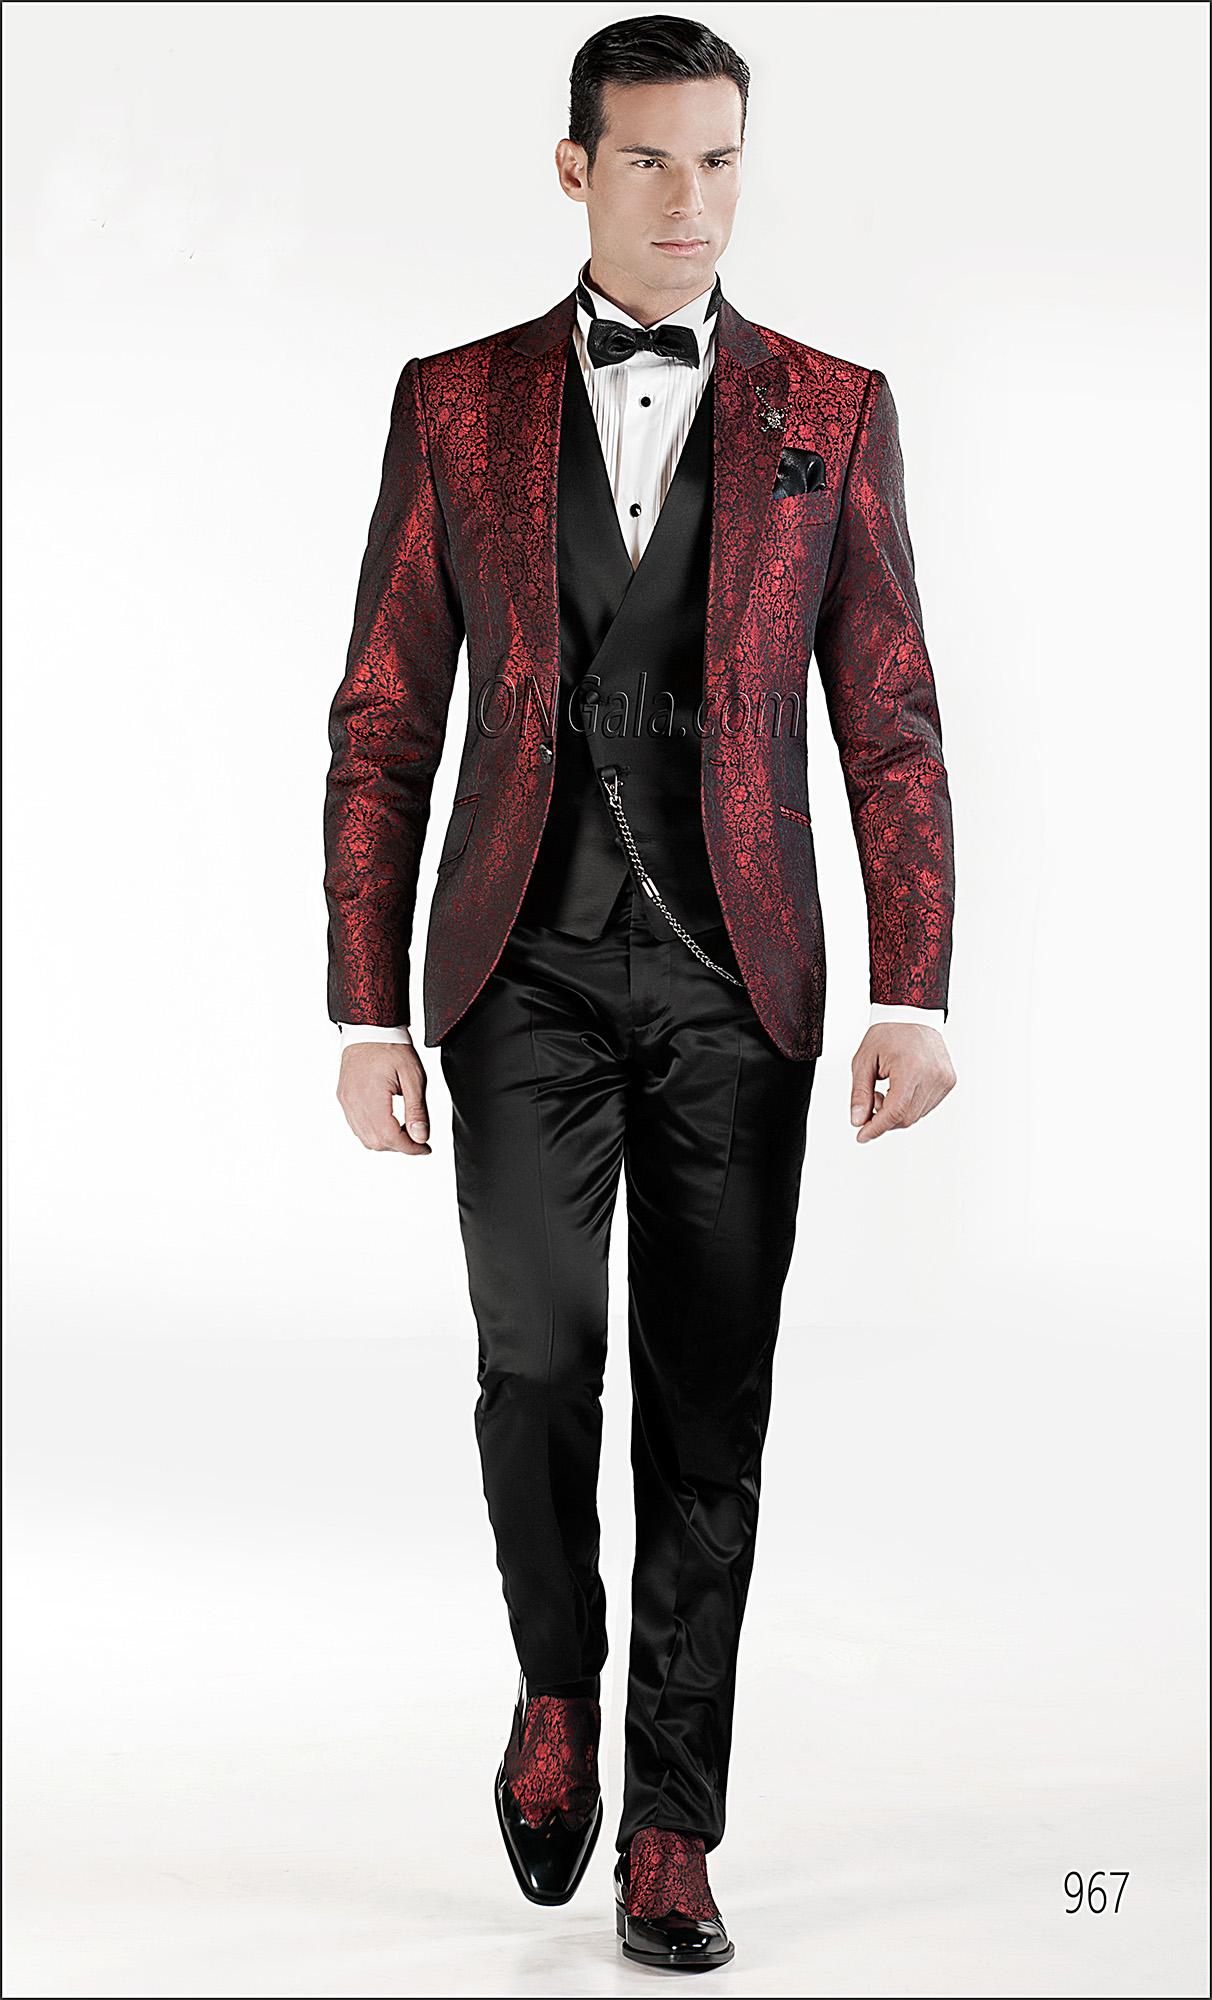 Abito Matrimonio Uomo Rosso : Abito da sposo uomo con giacca jacquard nero rosso